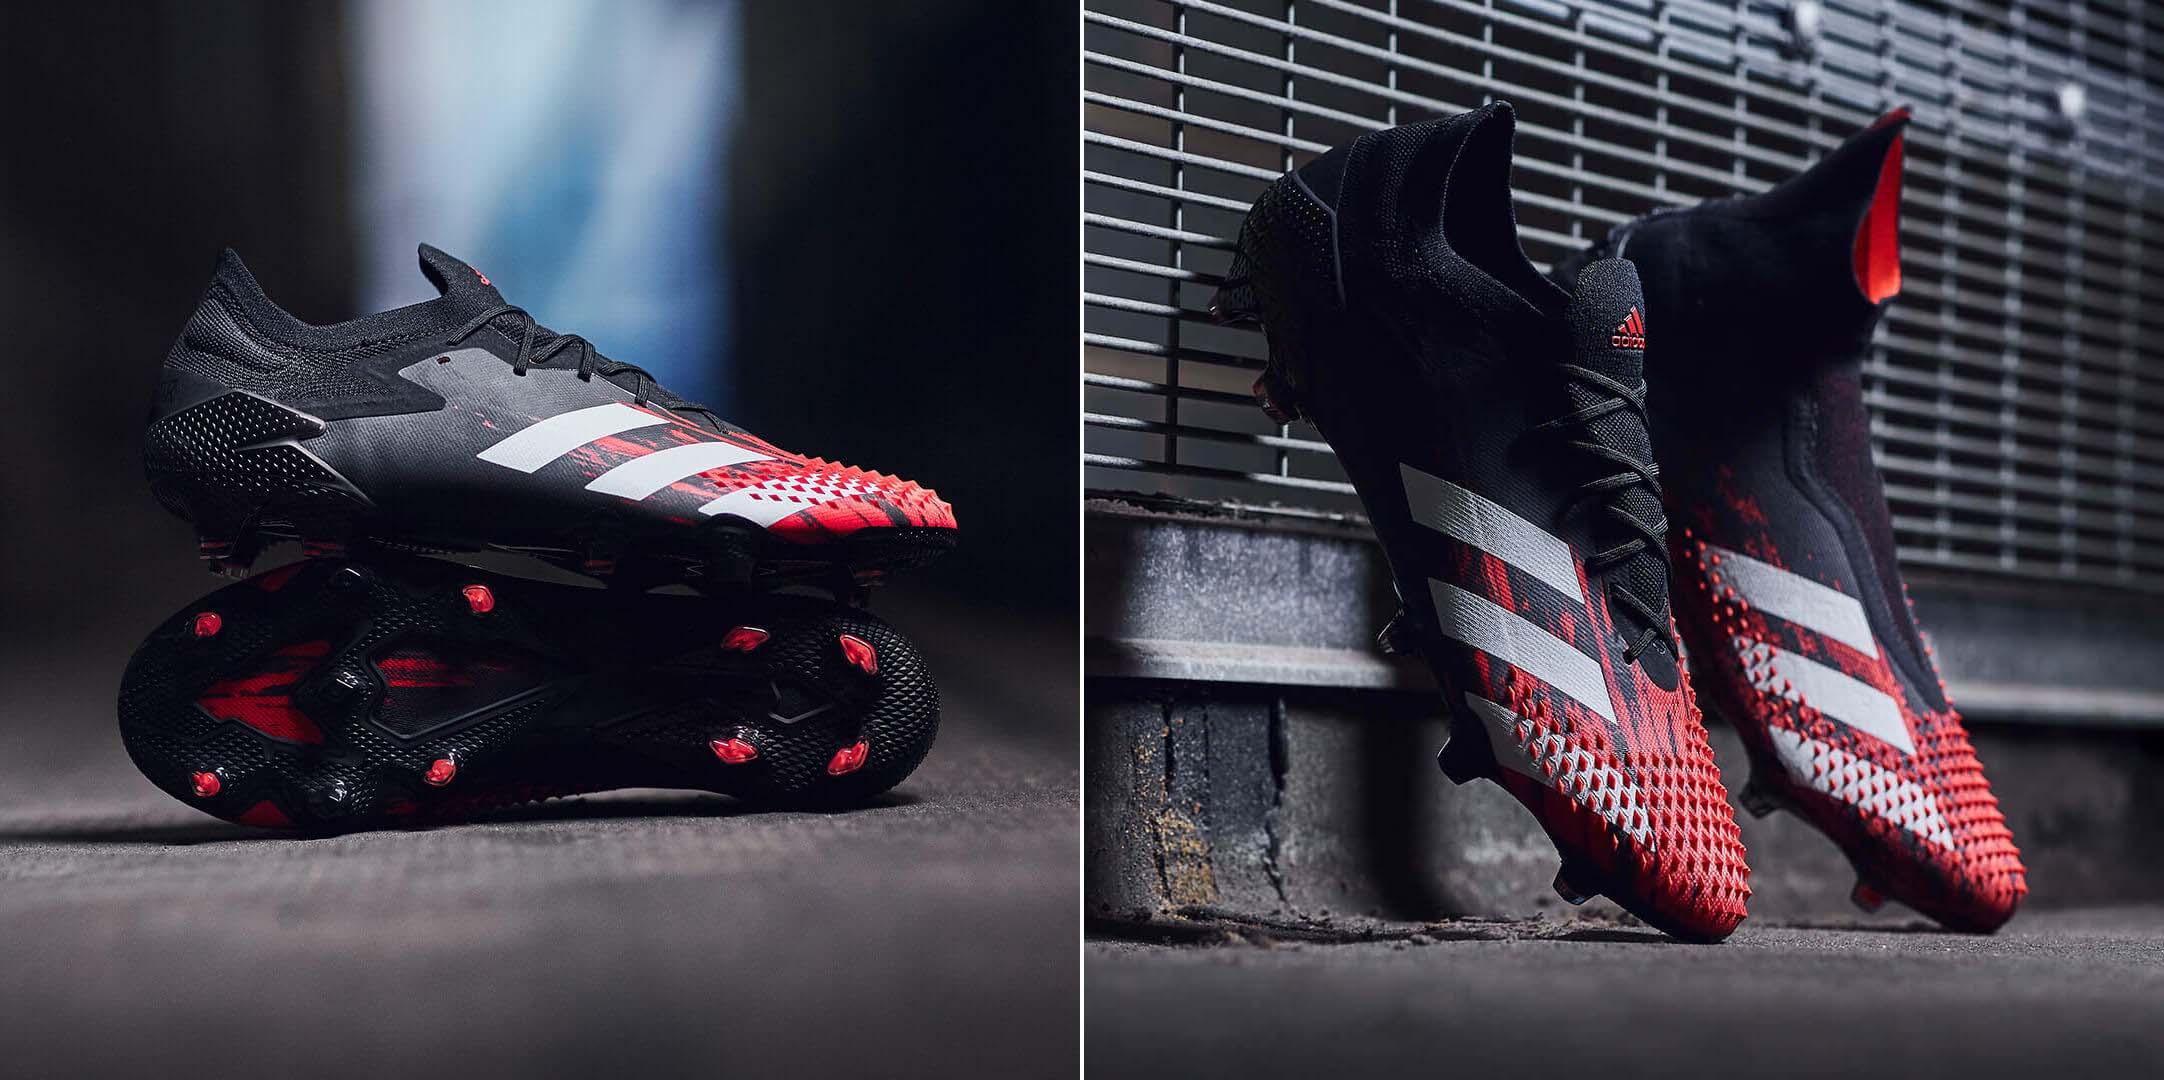 Giày Adidas Predator cổ cao và không cổ đều có những ưu điểm riêng của nó